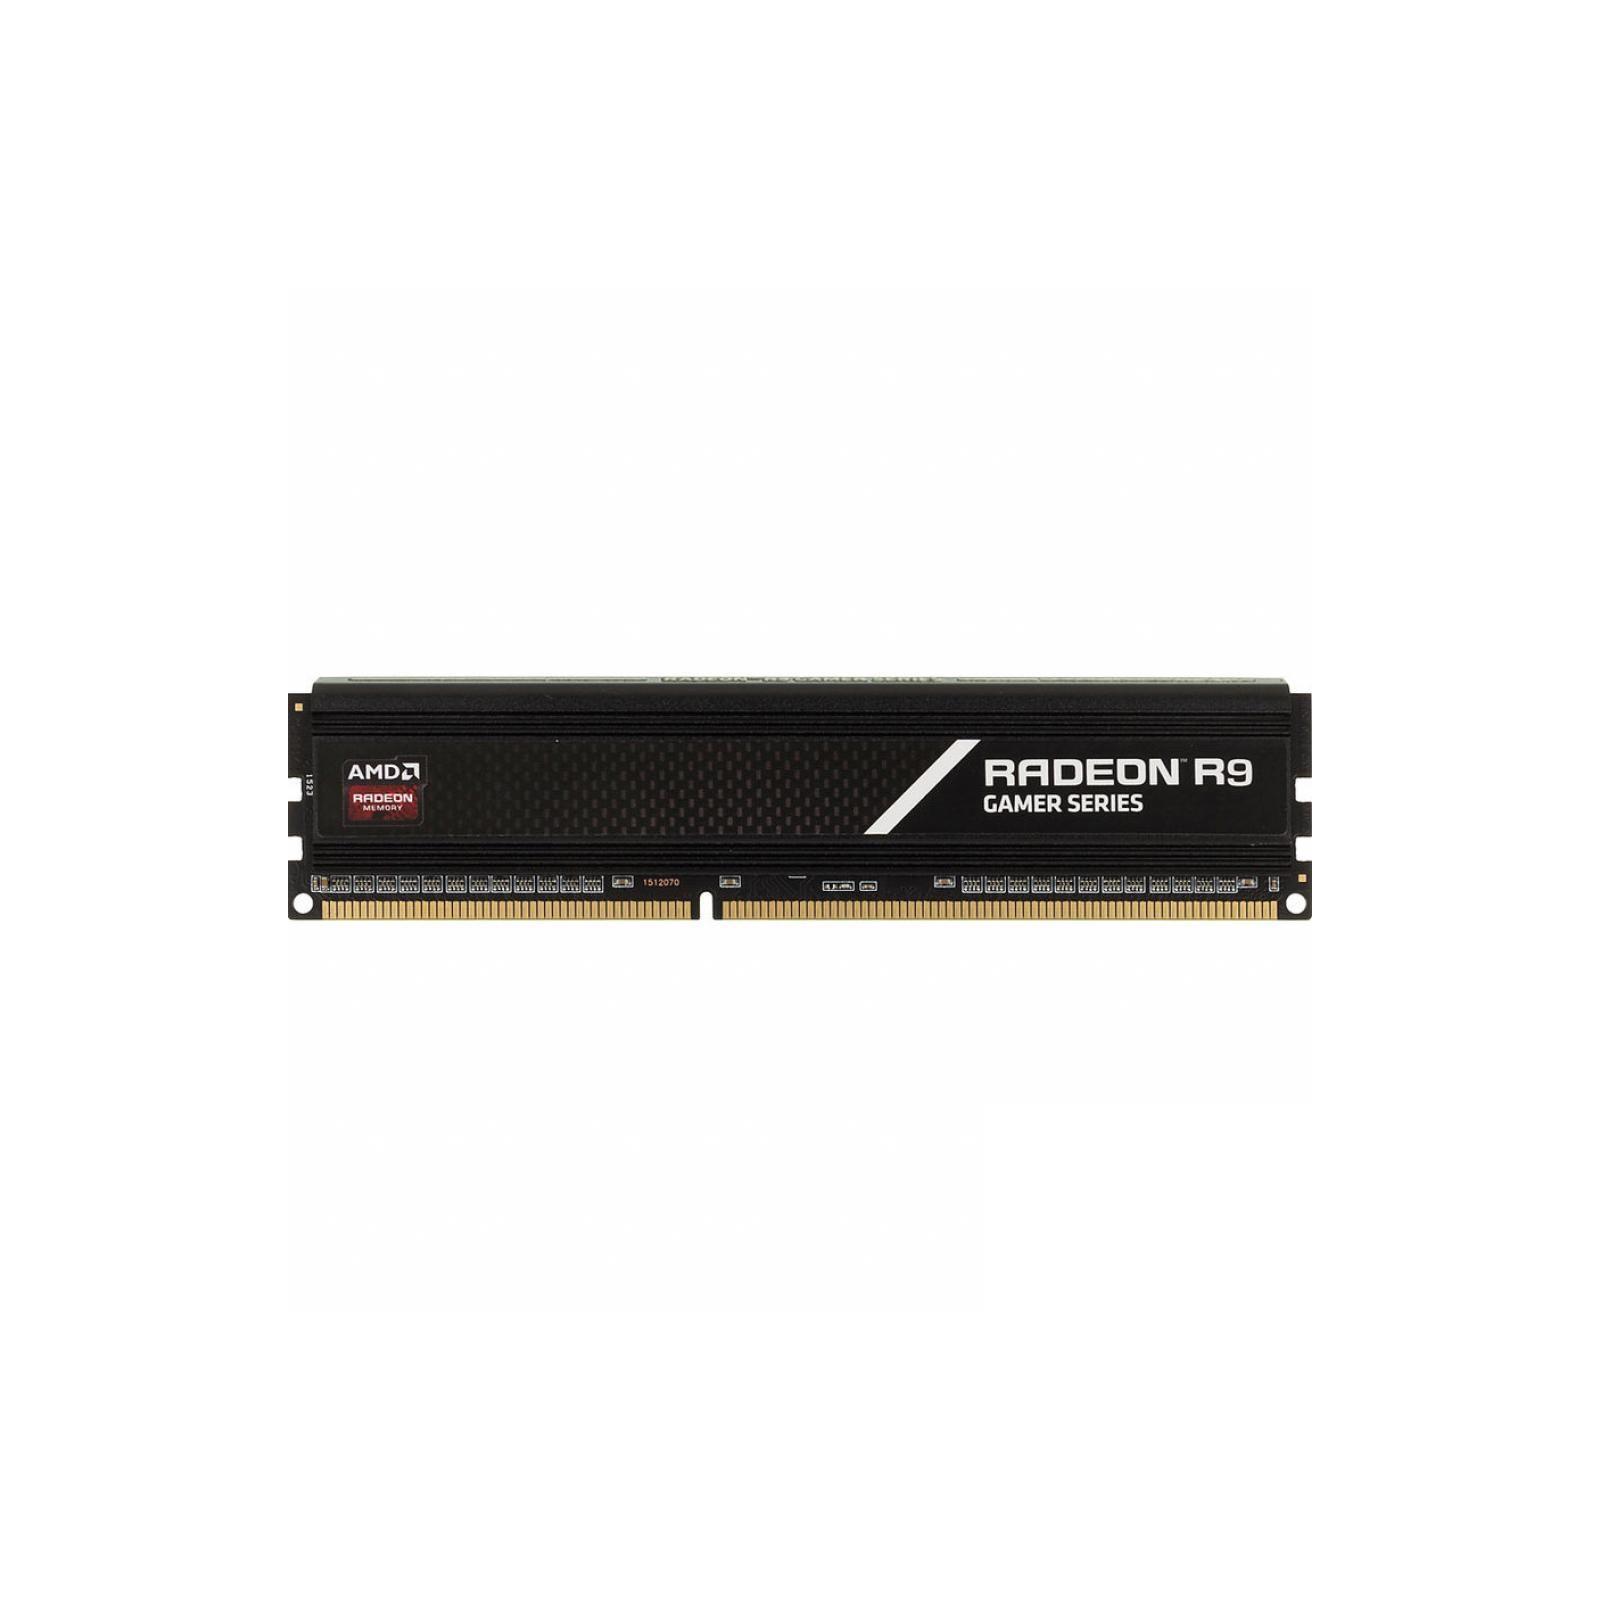 Модуль памяти для компьютера DDR4 8GB 3000 MHz AMD (R948G3000U2S-U)